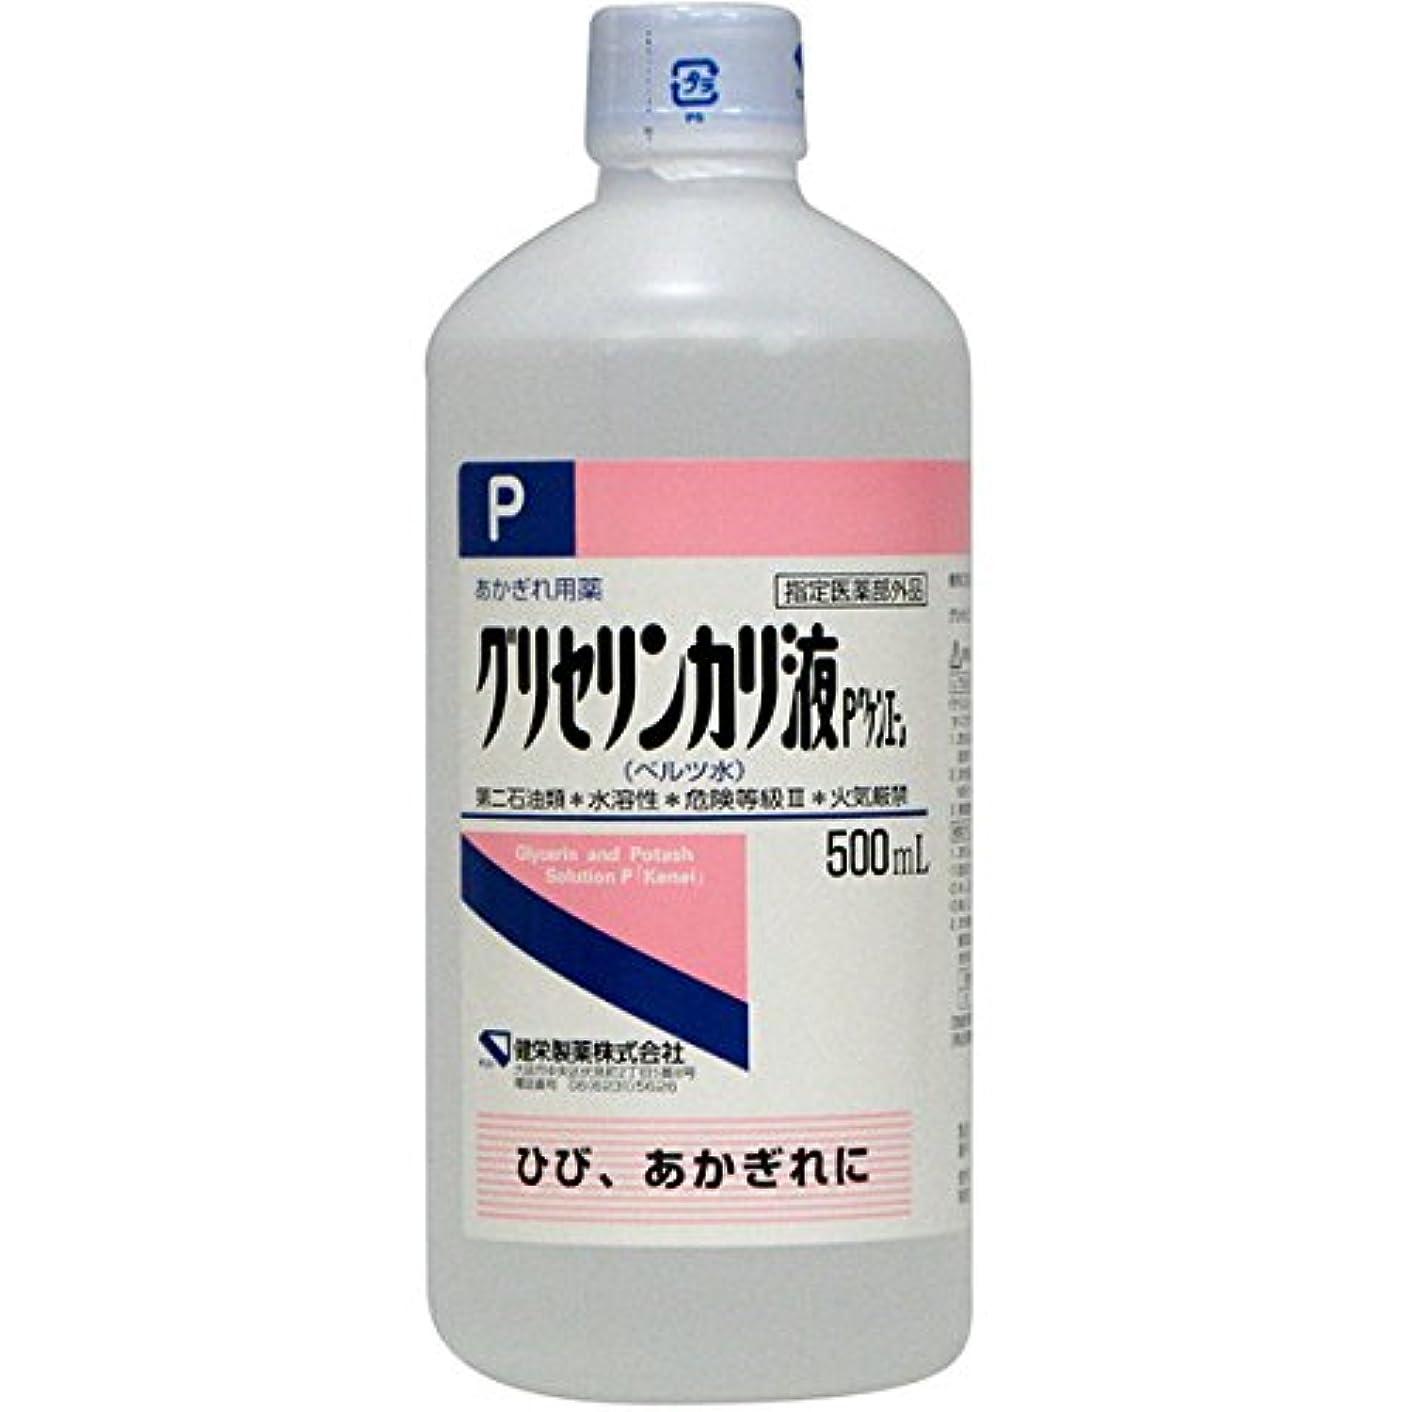 ビヨン醸造所不調和健栄製薬 グリセリンカリ液 ベルツ水 500ml